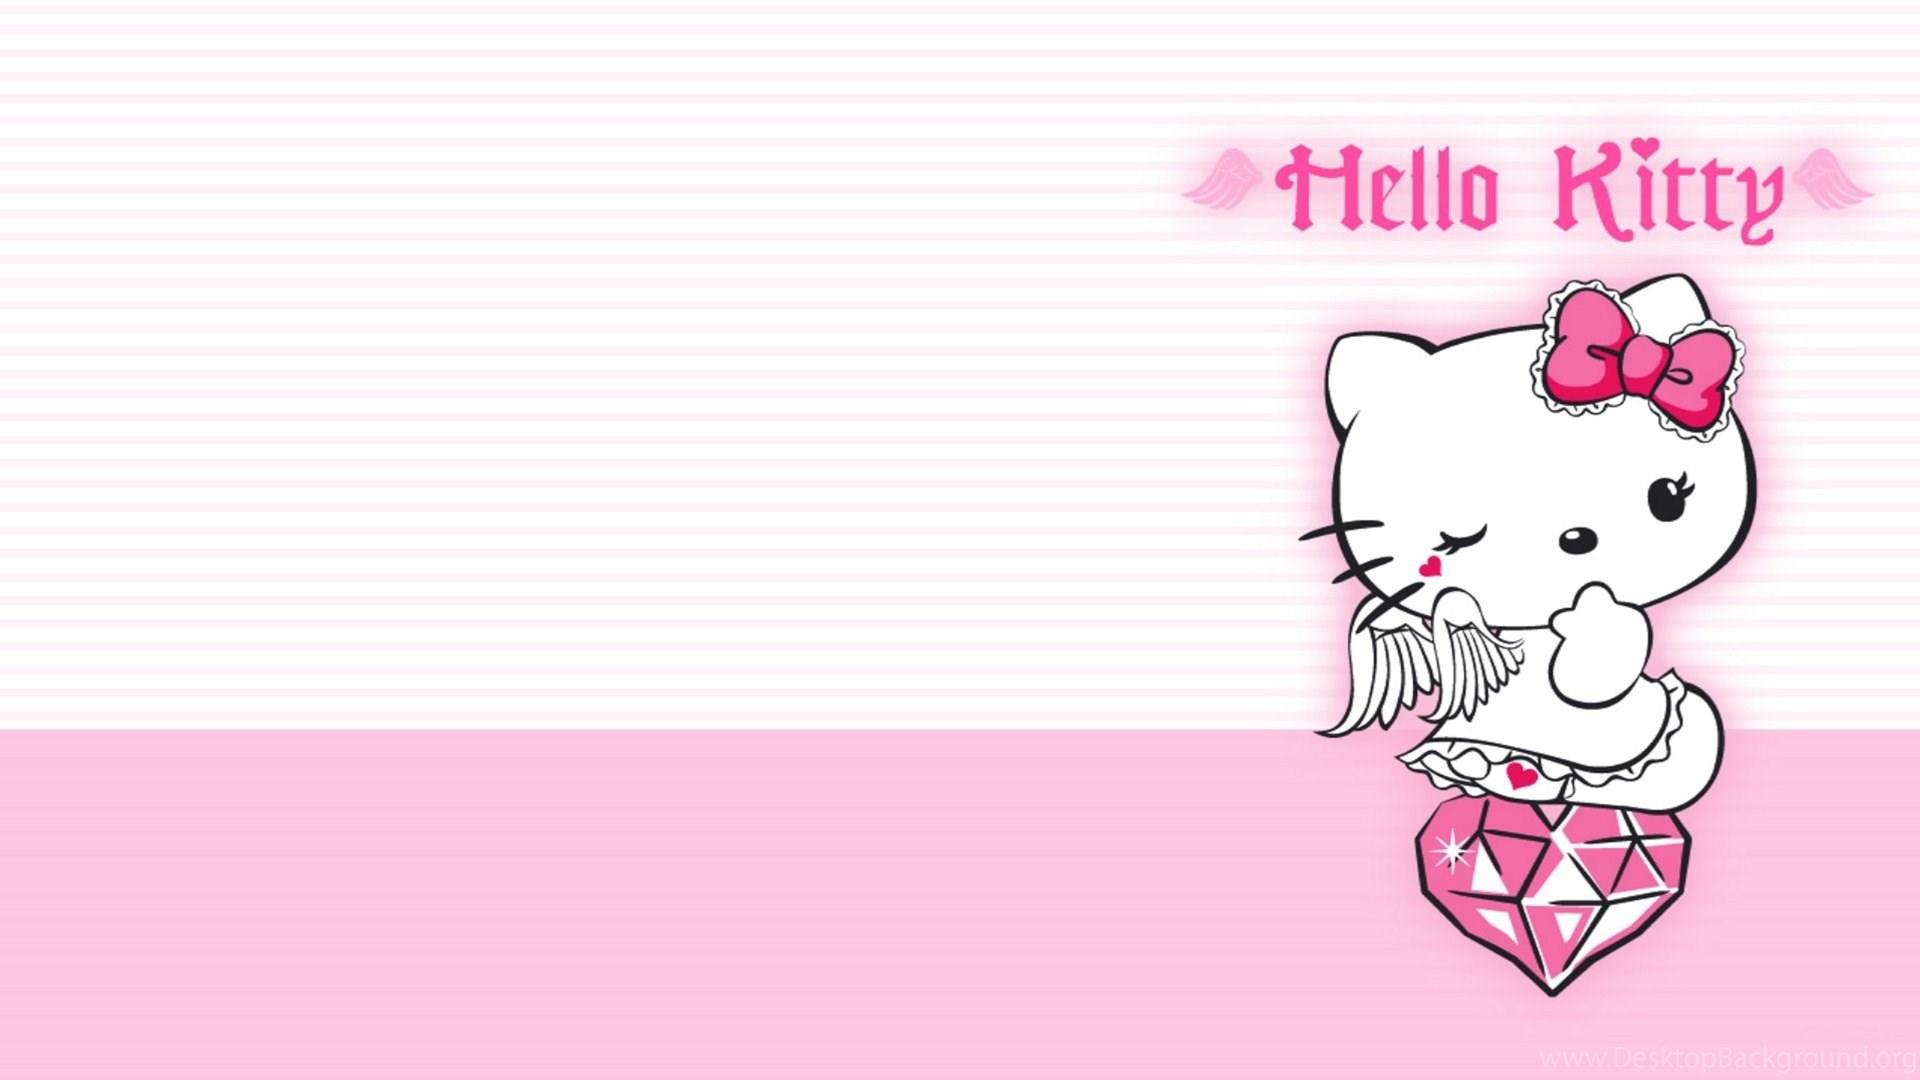 Best Wallpaper Hello Kitty Ipad 2 - 613465_cute-hello-kitty-wallpapers-hd-wallpapers-downloads_1920x1080_h  2018_756736.jpg